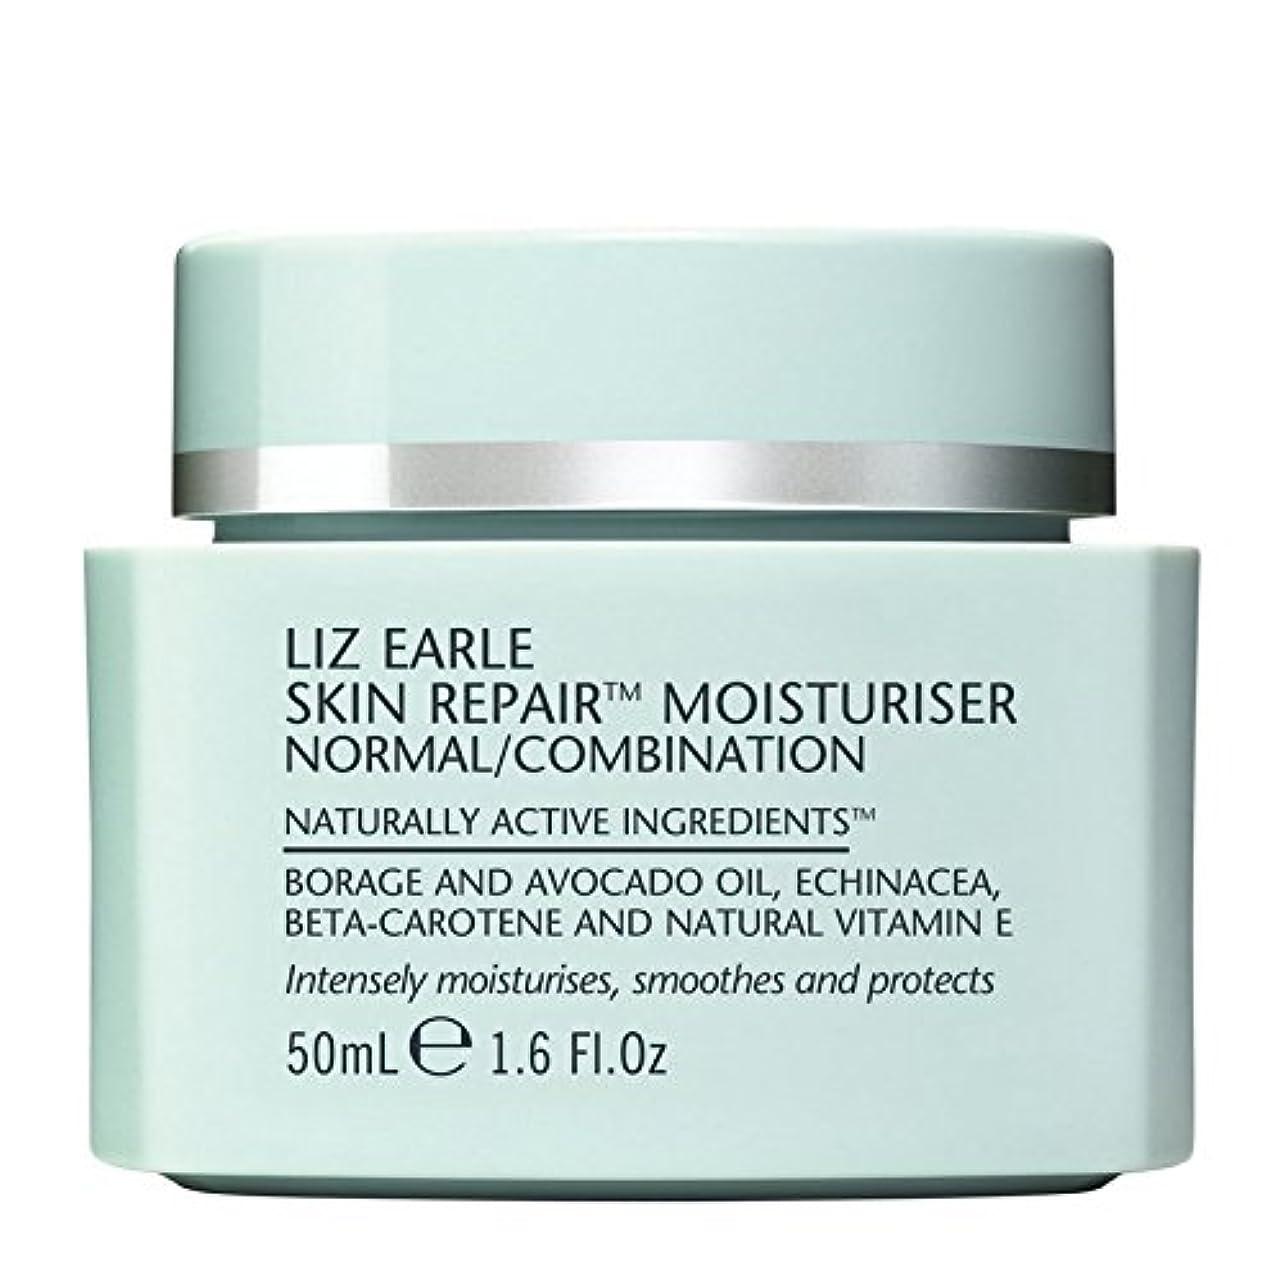 不毛ばか溶けたリズアールスキンリペアモイスチャライザーノーマル/コンビネーション50ミリリットル x4 - Liz Earle Skin Repair Moisturiser Normal/Combination 50ml (Pack...